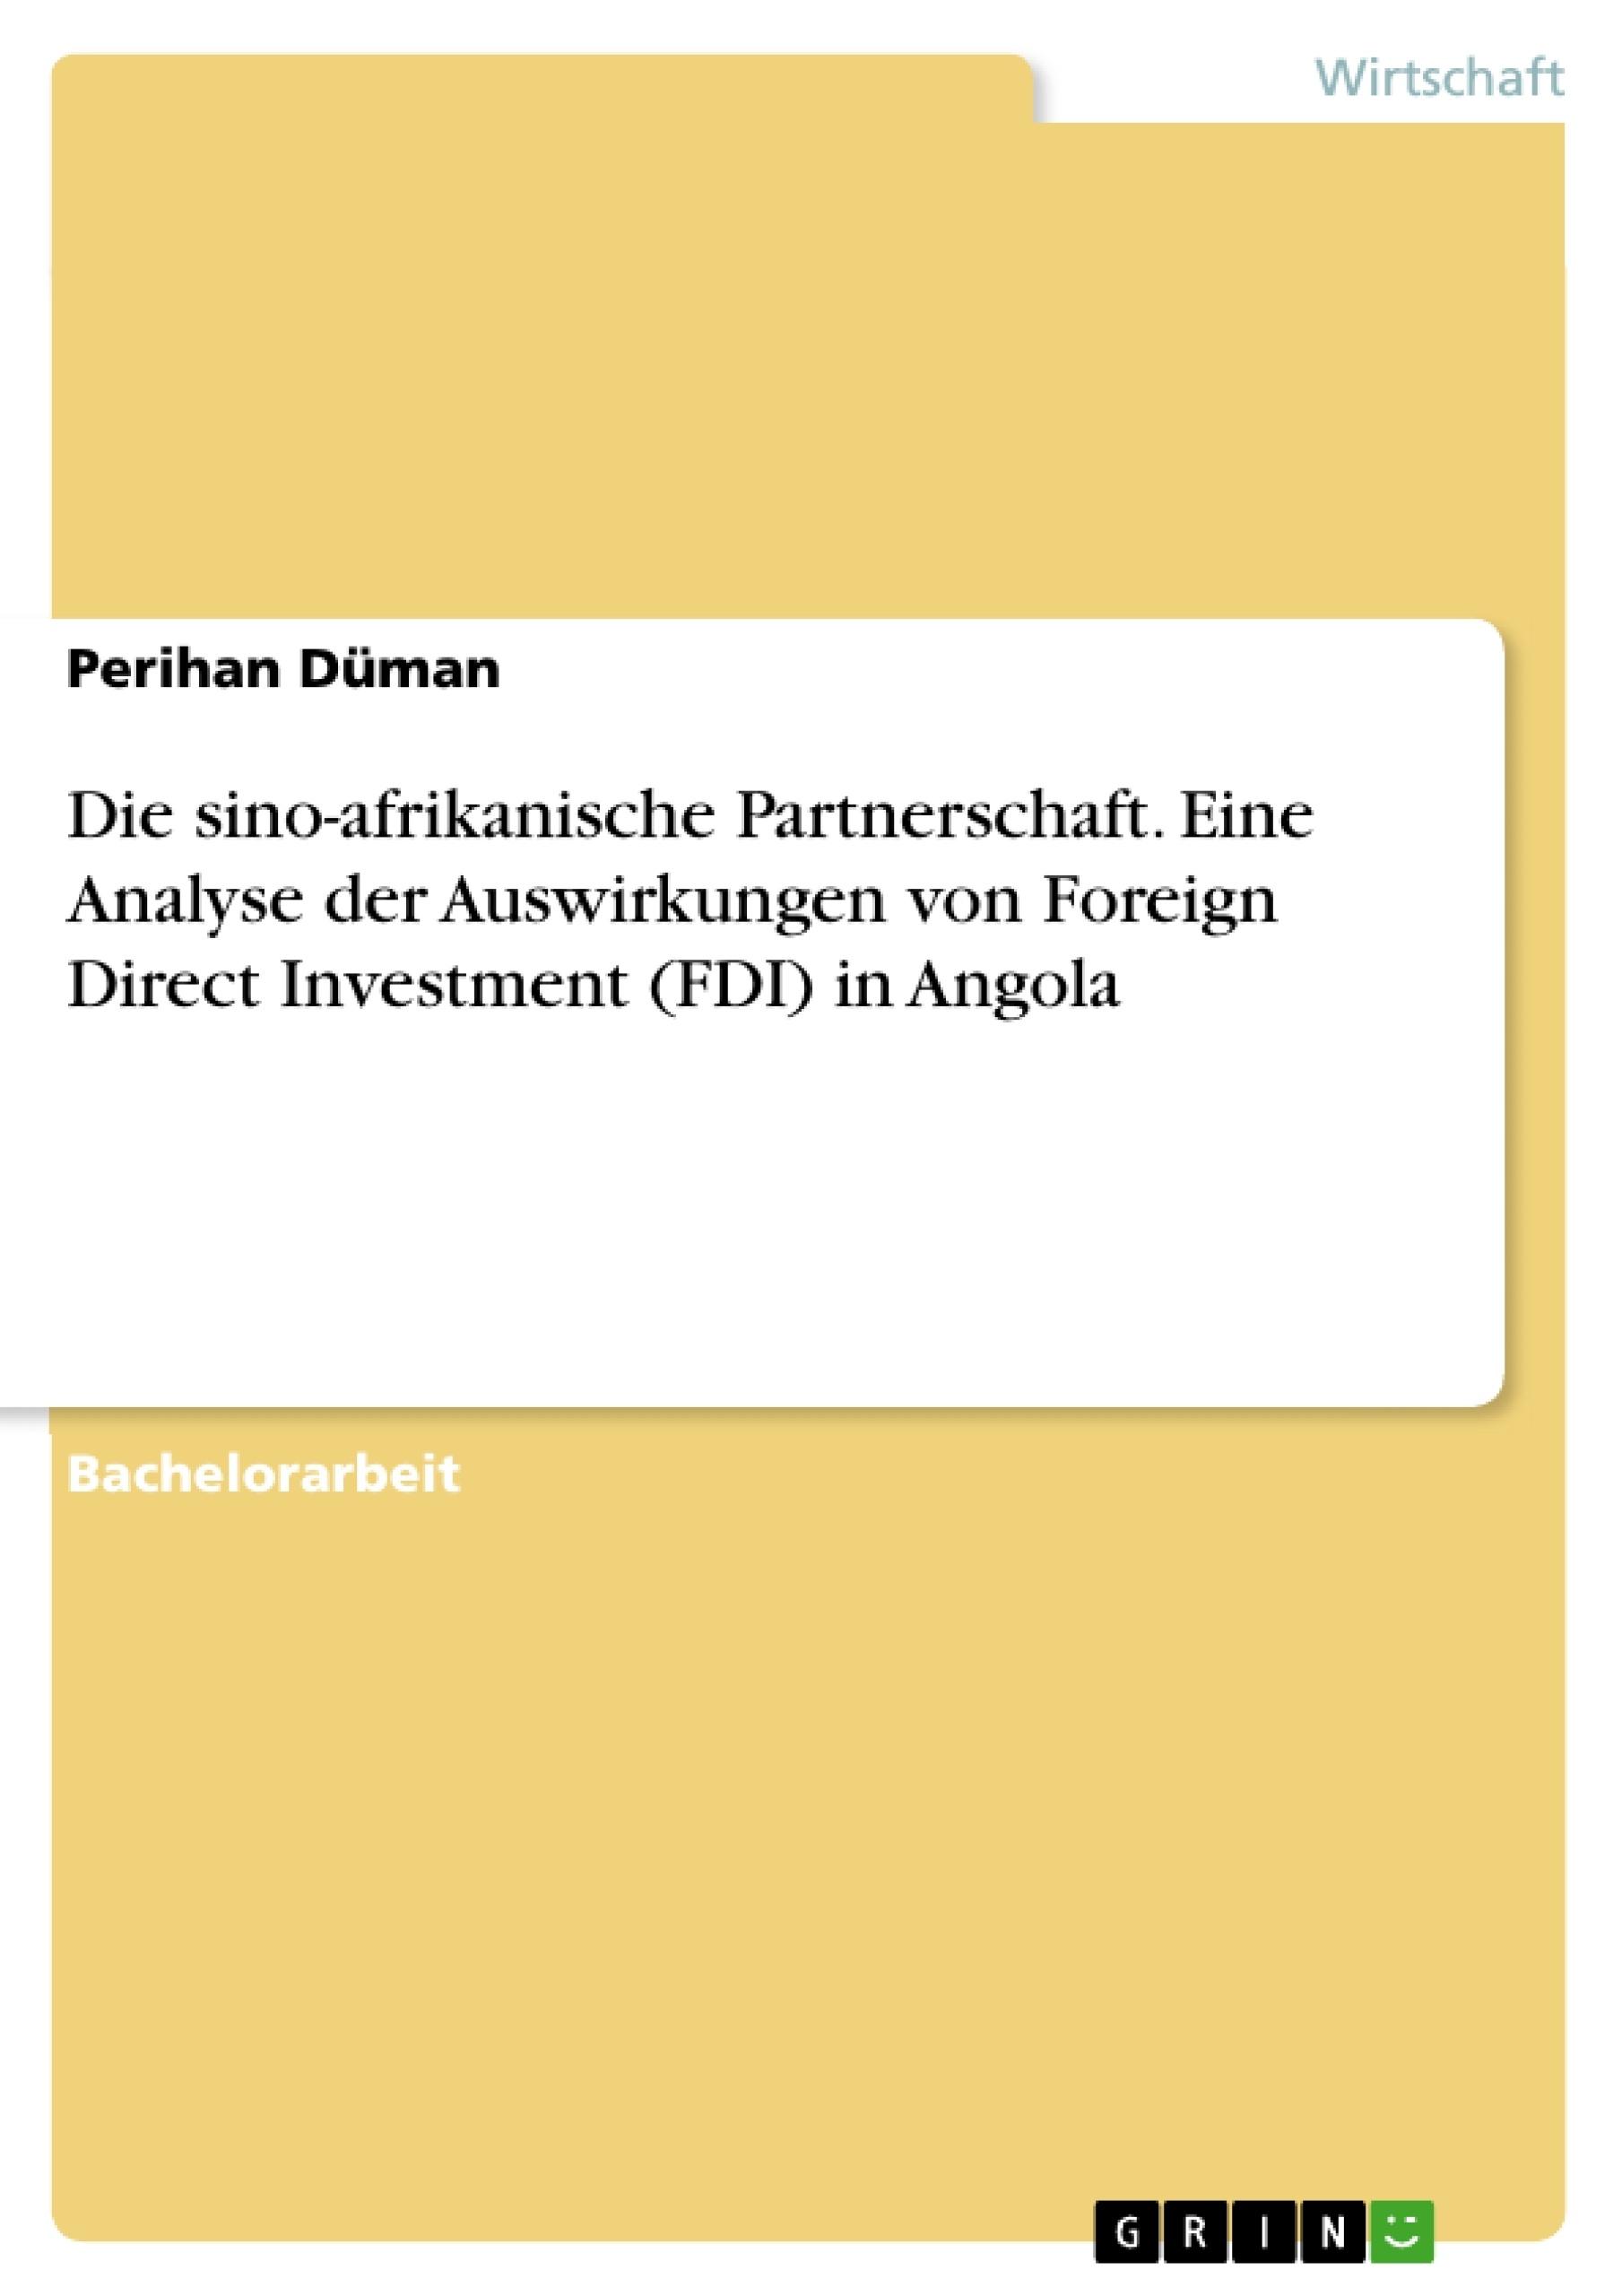 Titel: Die sino-afrikanische Partnerschaft. Eine Analyse der Auswirkungen von Foreign Direct Investment (FDI) in Angola